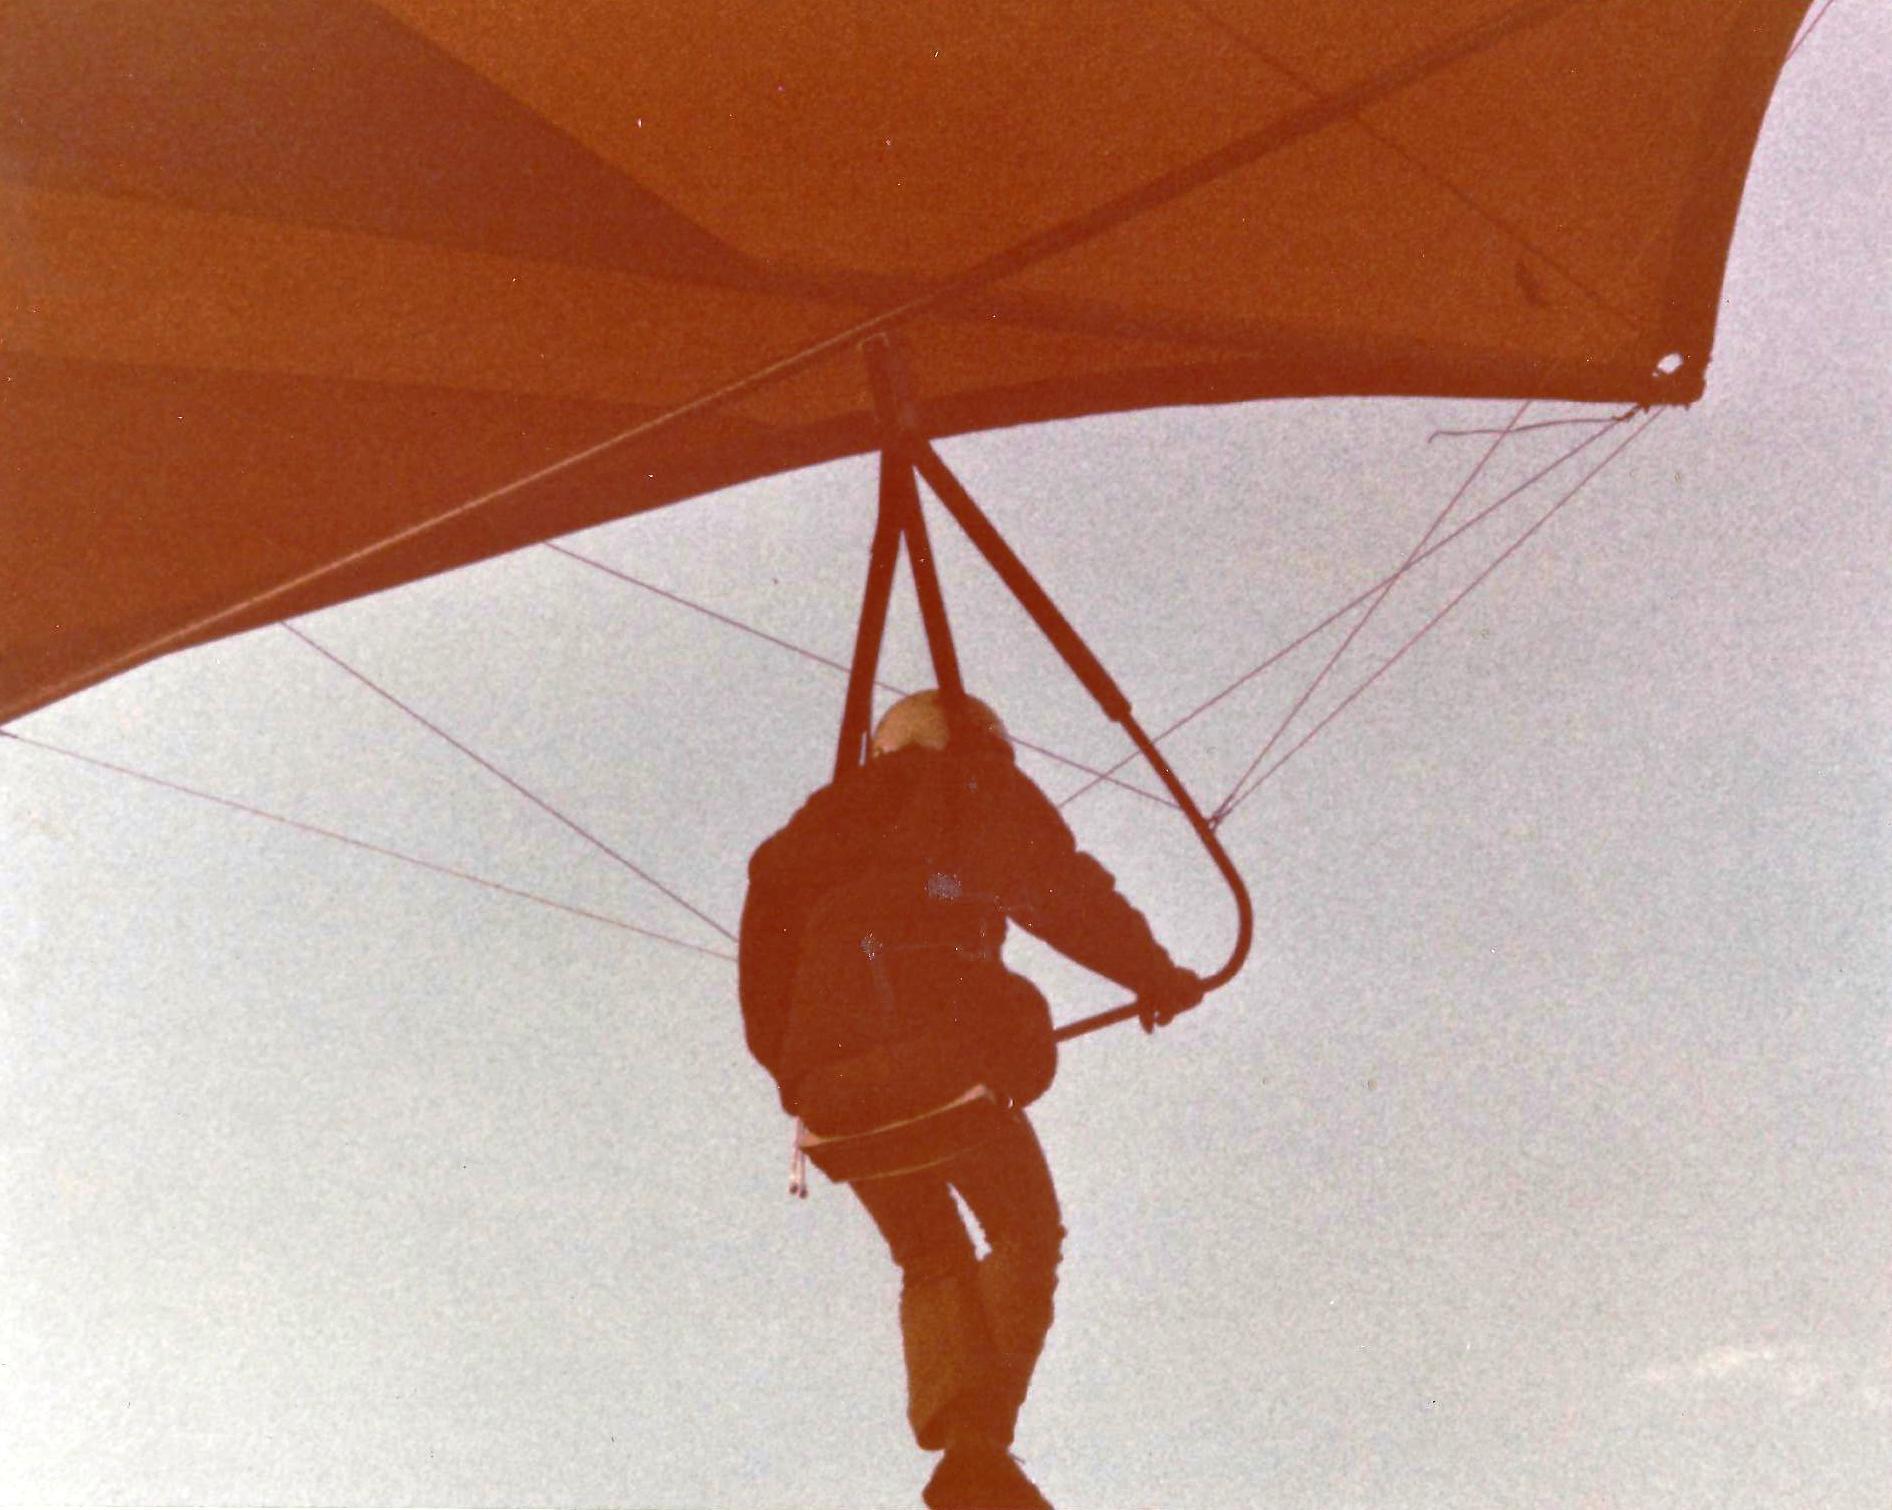 bill-sheka-on-lift-off-from-hatchers-pass-alaska-july-3-1975-seagull-3